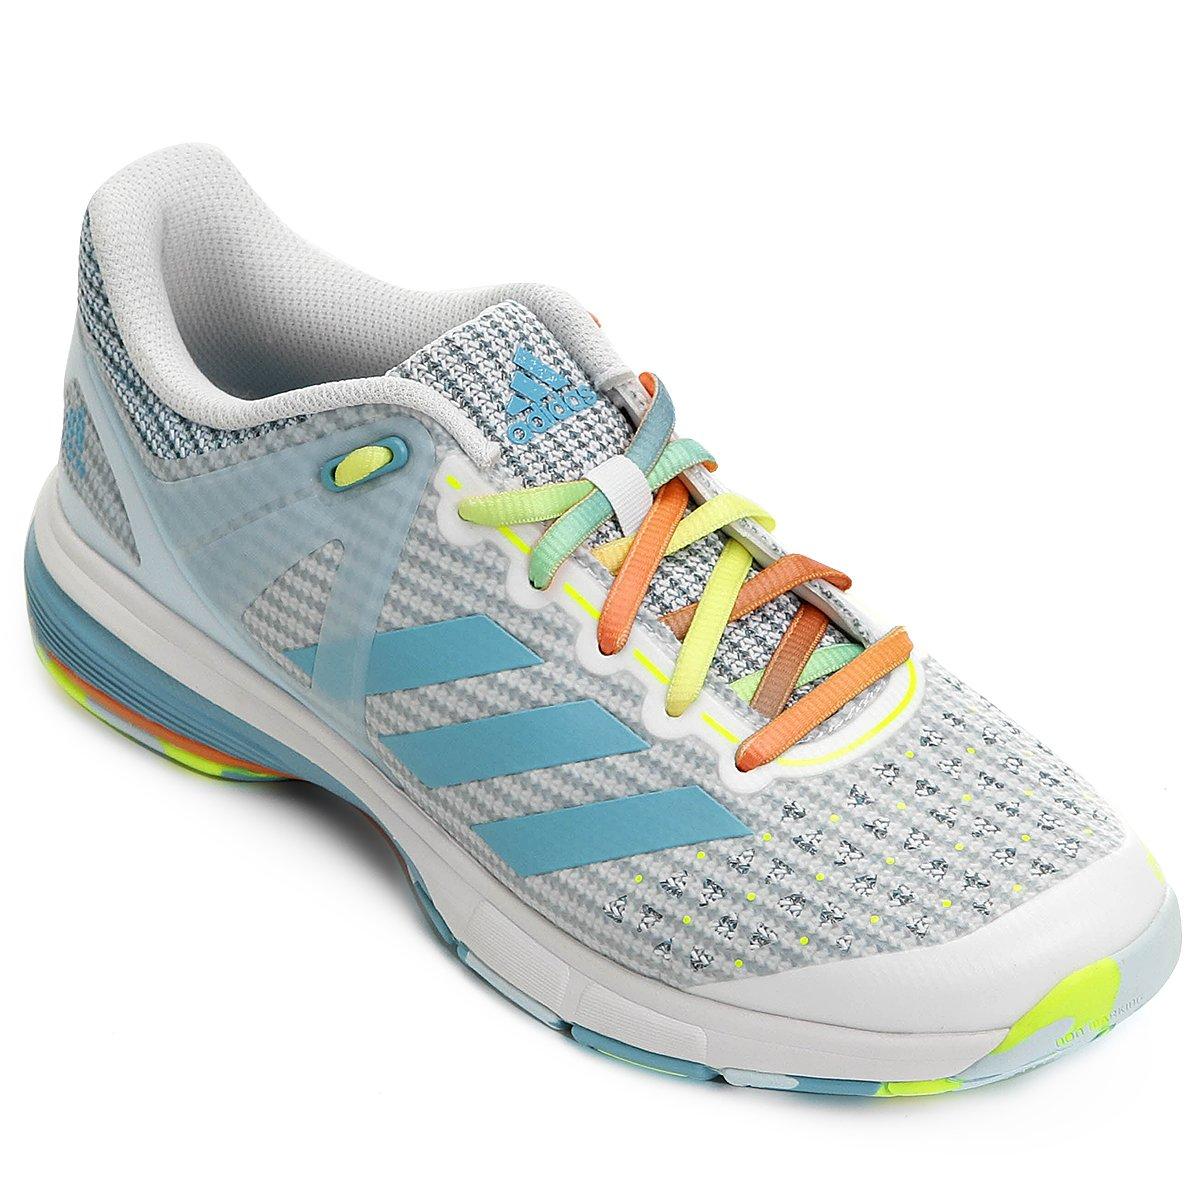 Tênis Adidas Court Stabil - Azul e Branco - Compre Agora  73d8ca82ef7